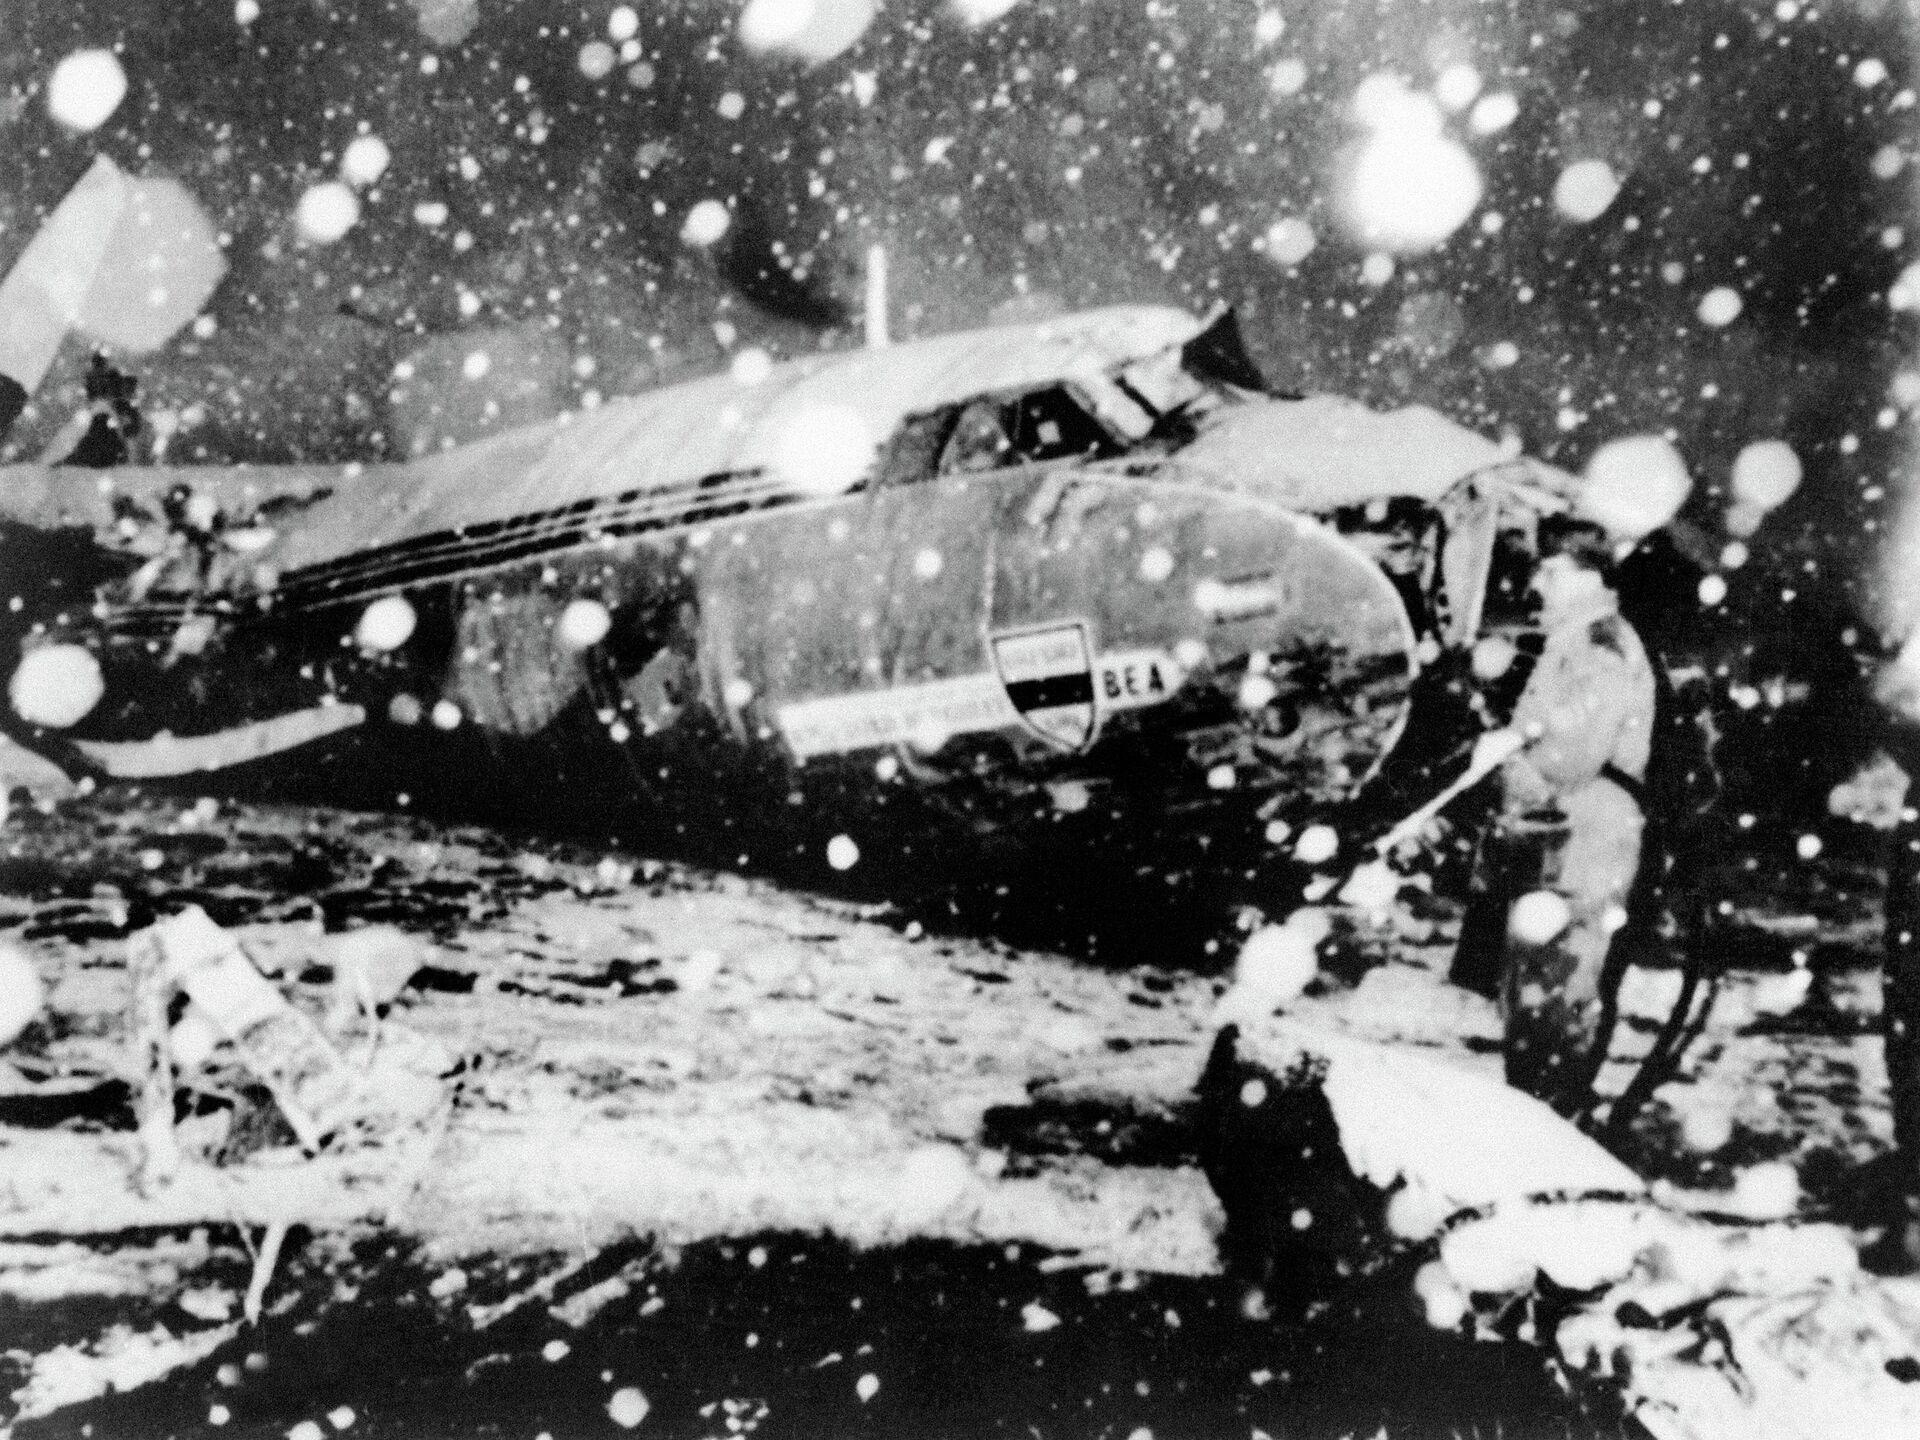 Самолет с командой Манчестер Юнайтед на борту, разбившийся 6 февраля 1958 года в мюнхенском аэропорту - РИА Новости, 1920, 06.02.2020